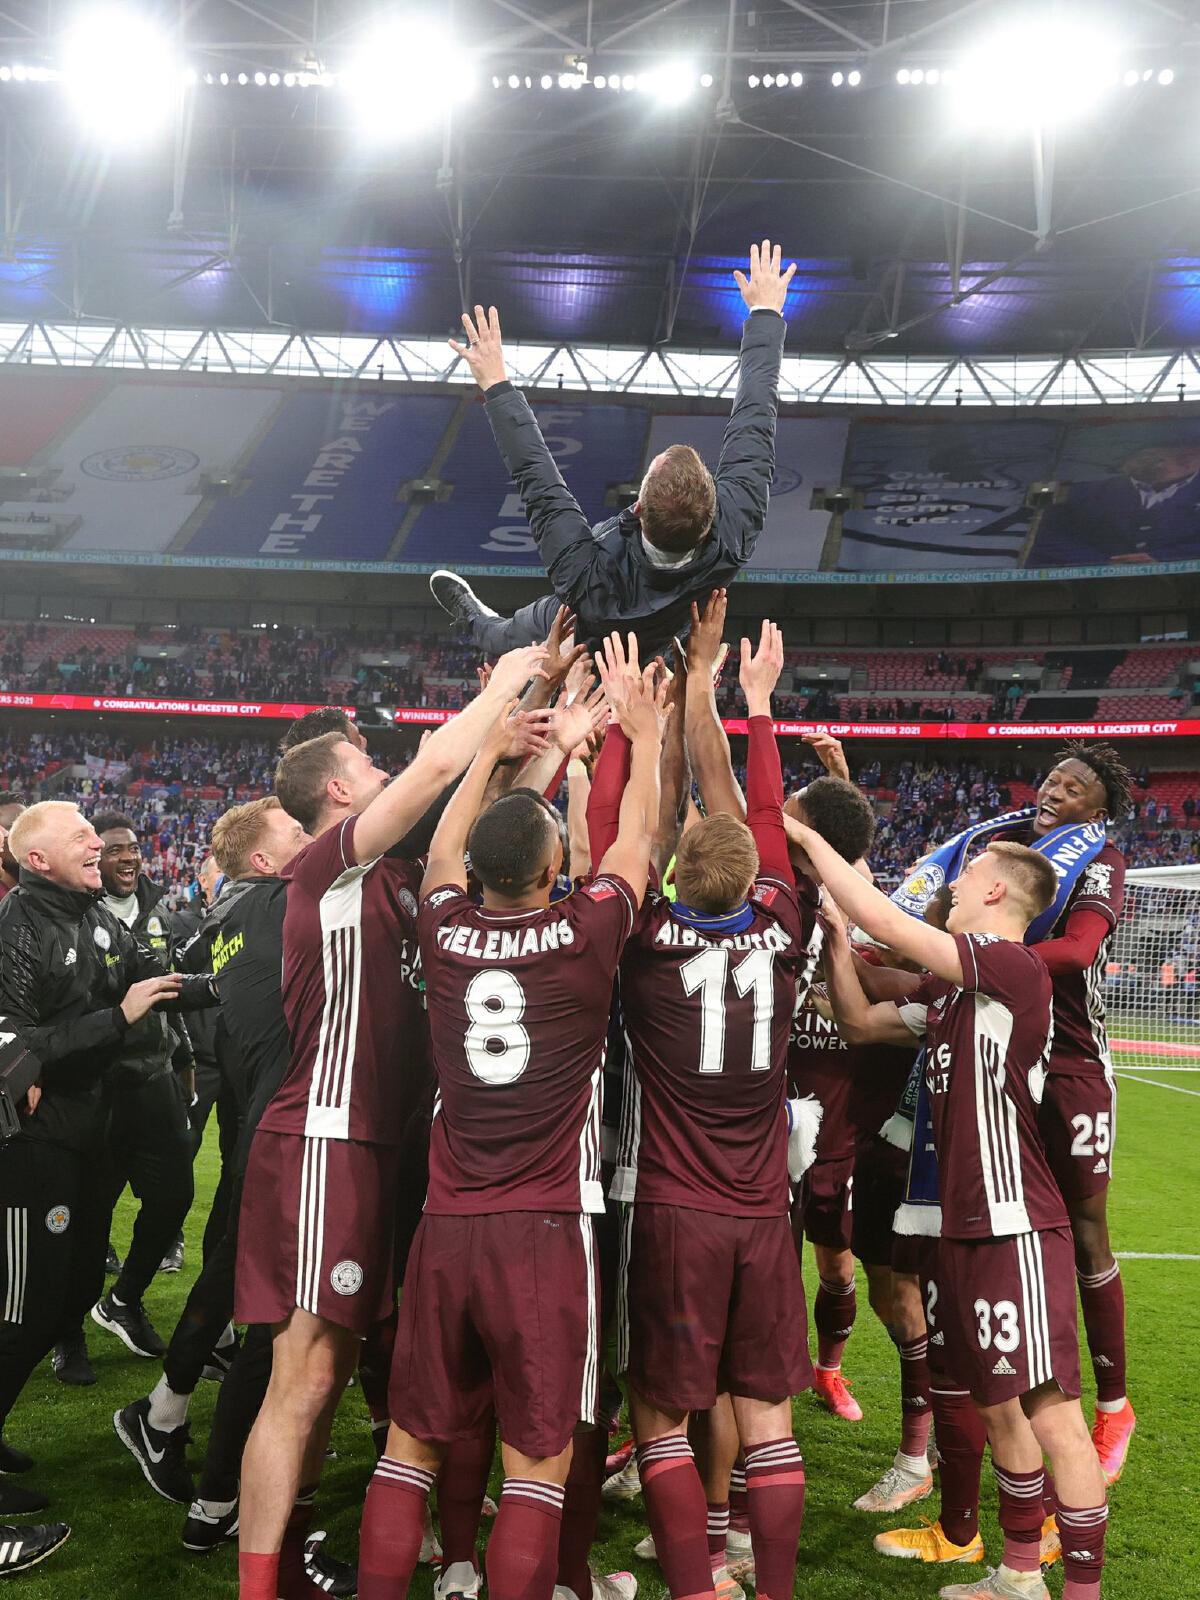 เลสเตอร์ ซิตี้ โชว์ฟอร์มเฉือนชนะ เชลซี 1-0 คว้าแชมป์ FA CUP ครั้งแรกรอบ 137 ปี